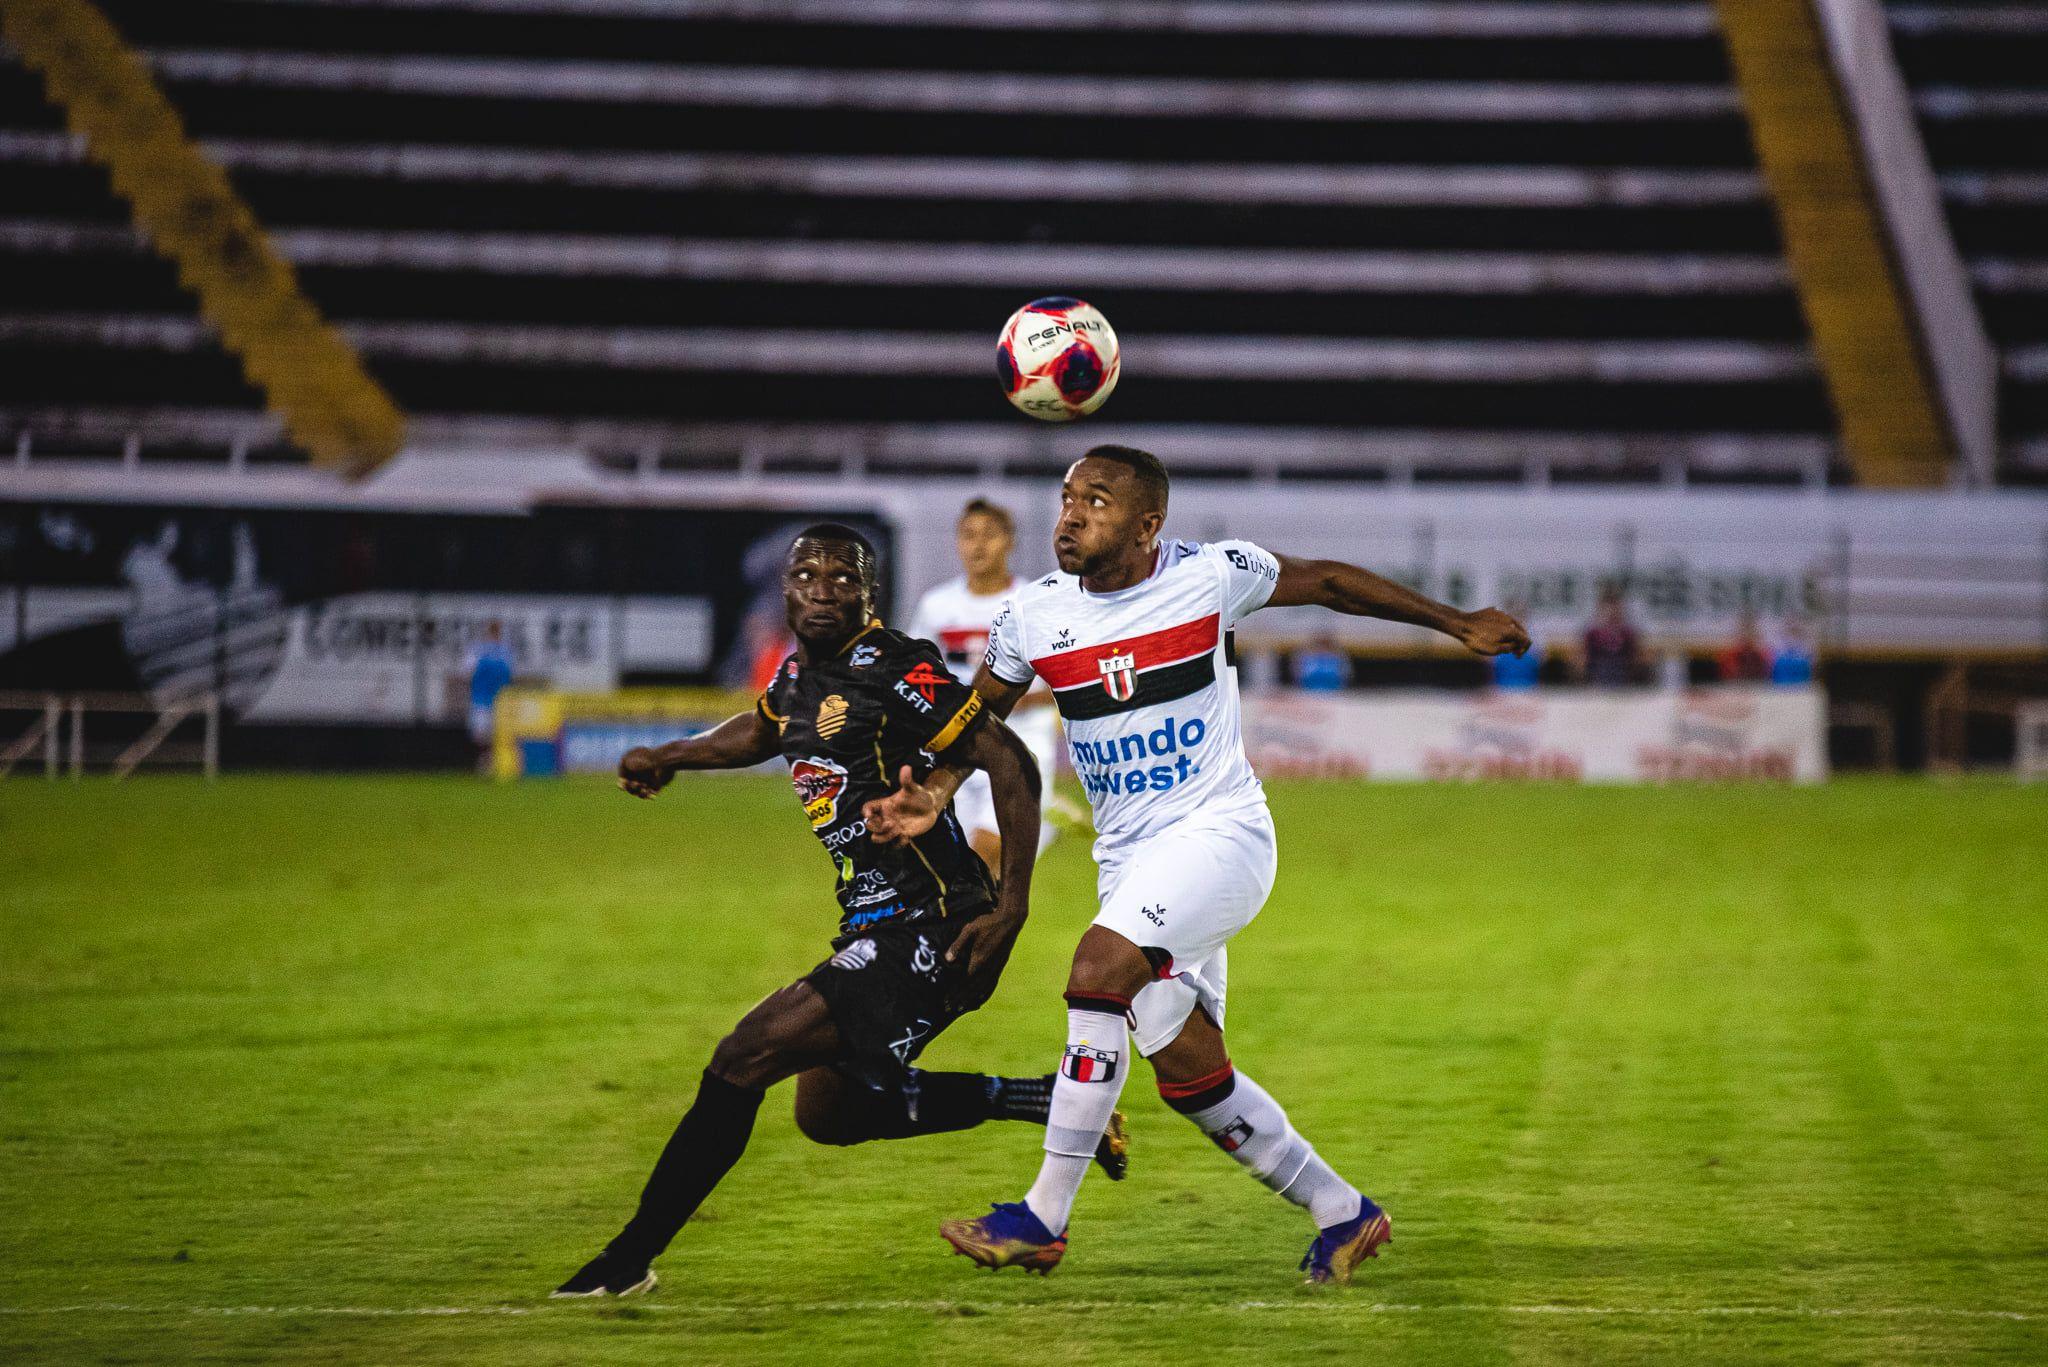 Revide, Come-Fogo termina sem gols nessa terça-feira, 12, come-fogo, futebol, partida, ribeirão preto, copa paulista, clássico